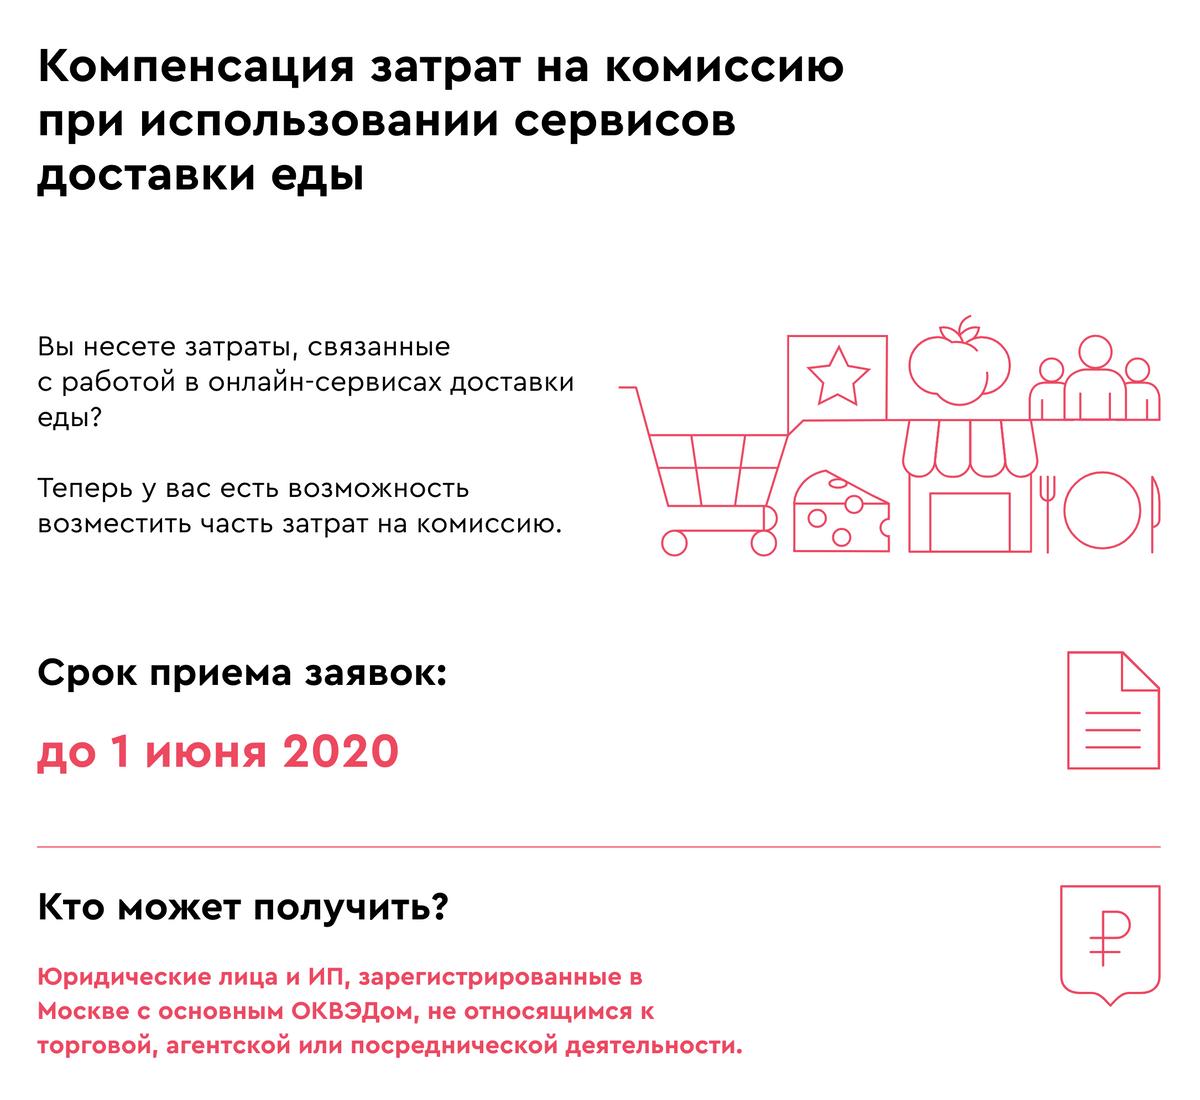 Сейчас правительство Москвы компенсирует затраты на комиссию только сервисов доставки«Яндекс-еда» и «Деливери-клаб». Список сервисов доставки обещают дополнить